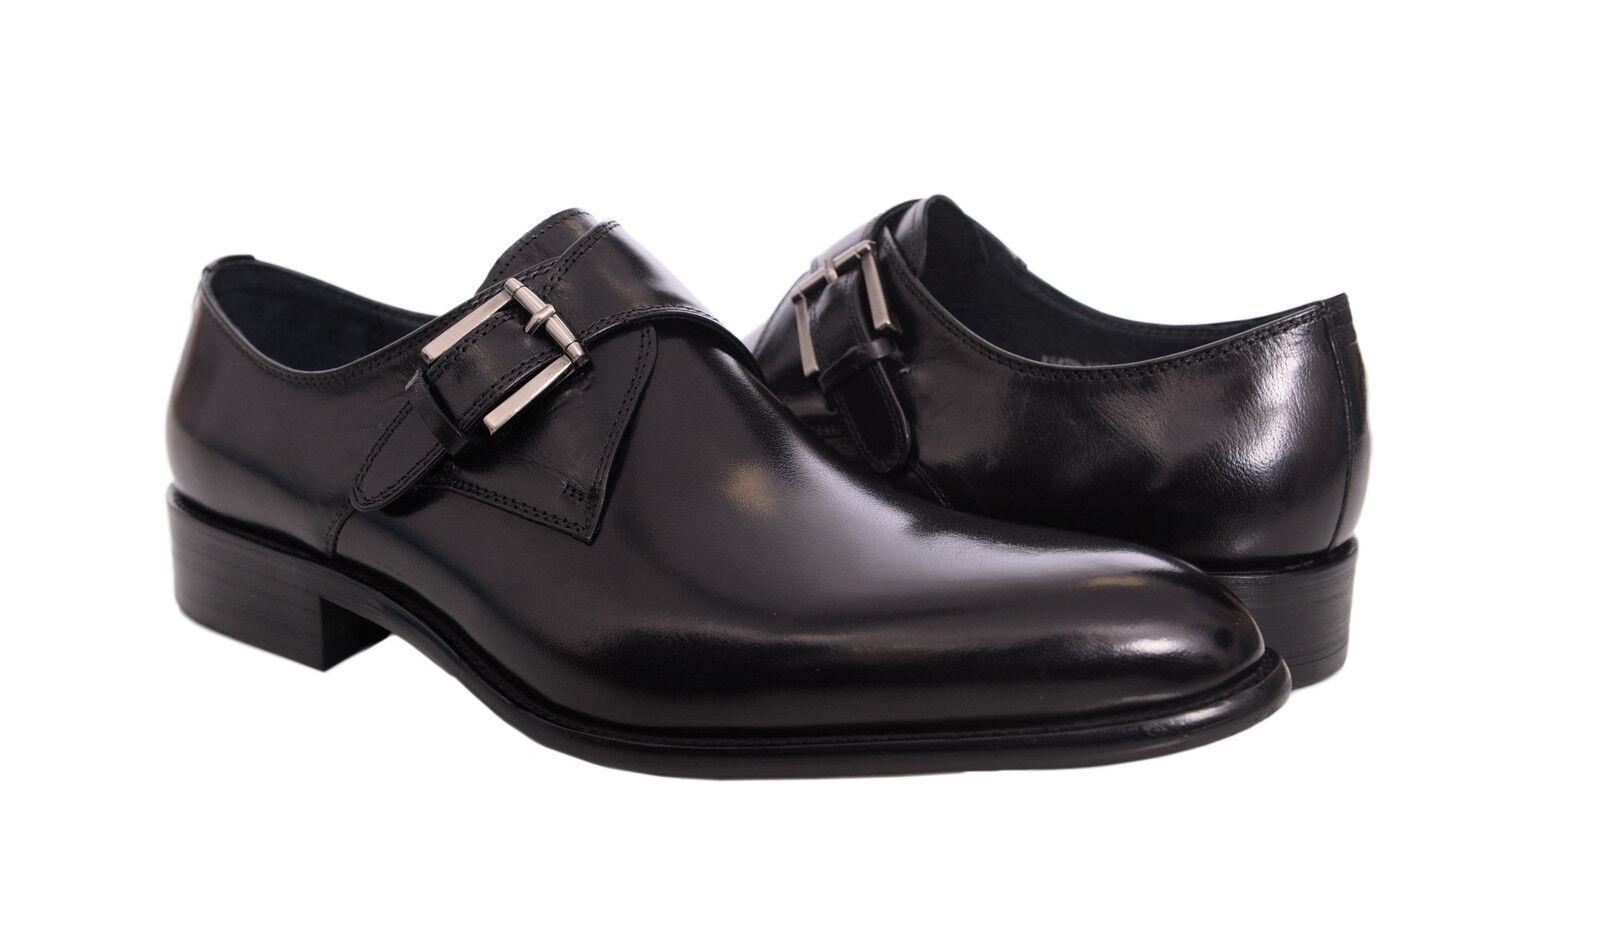 Carrucci Hombre Sólido Negro Individual Monje Correa Cuero Zapatos Vestido